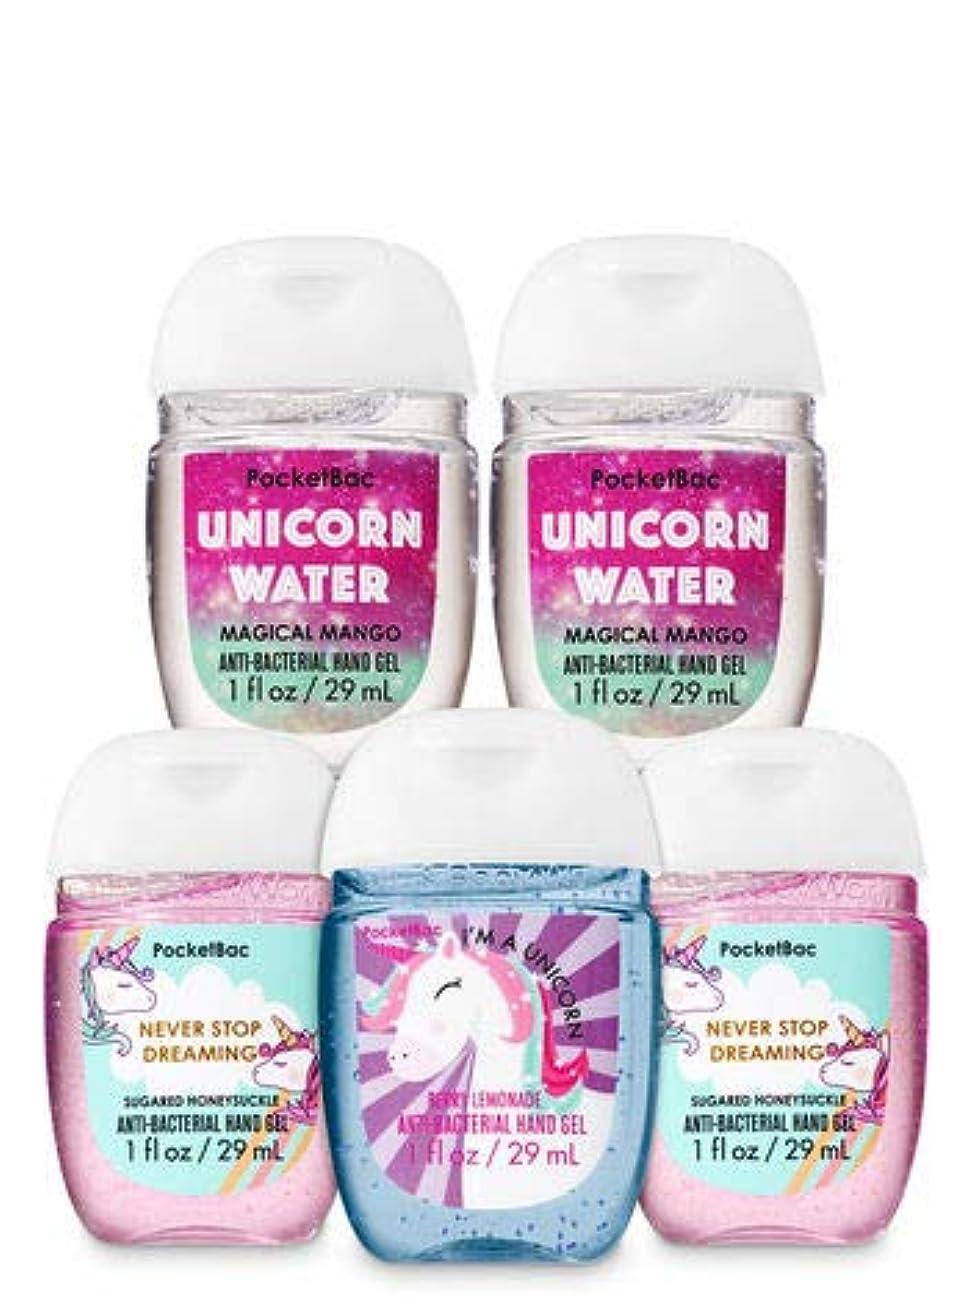 和解するハリケーン選択【Bath&Body Works/バス&ボディワークス】 抗菌ハンドジェル 5個セット ユニコーン&レインボー Unicorn & Rainbow ハニーサックル マンゴー レモネード PocketBac Hand Sanitizer Bundle (5-pack) [並行輸入品]